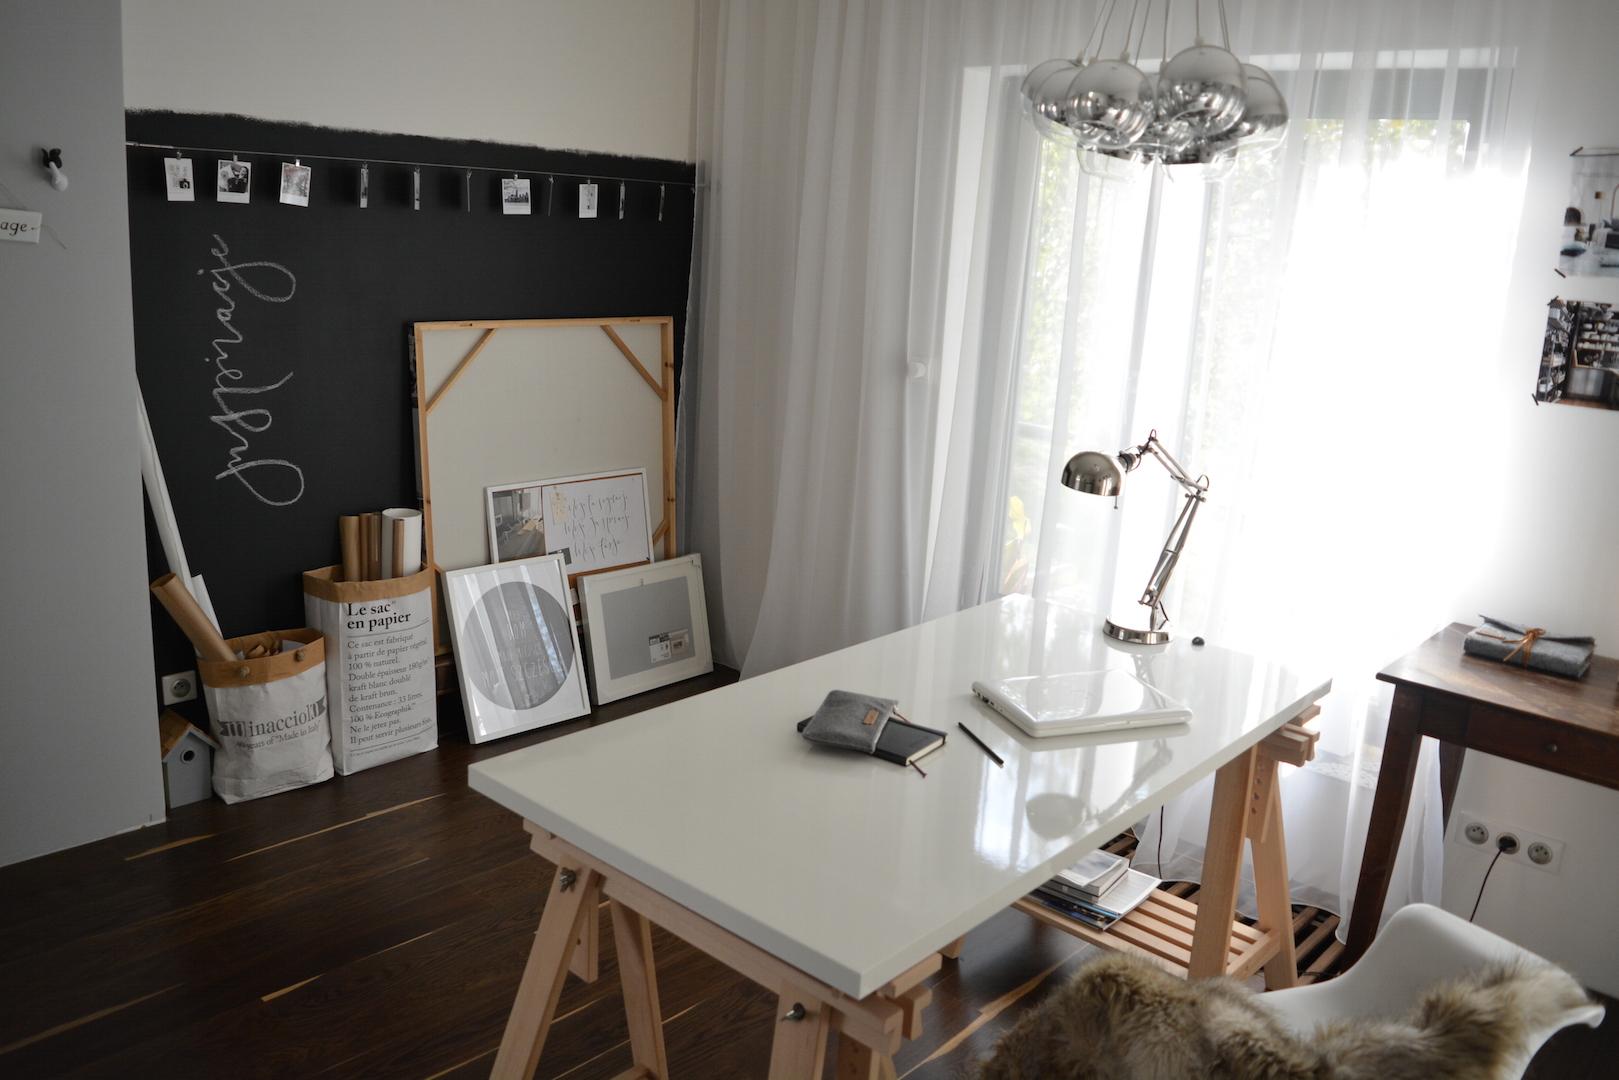 ściana tablicowa, farba tablicowa, pracownia, biurko ikea, biurko na koziołkach, domowa pracownia, ściana inspiracji